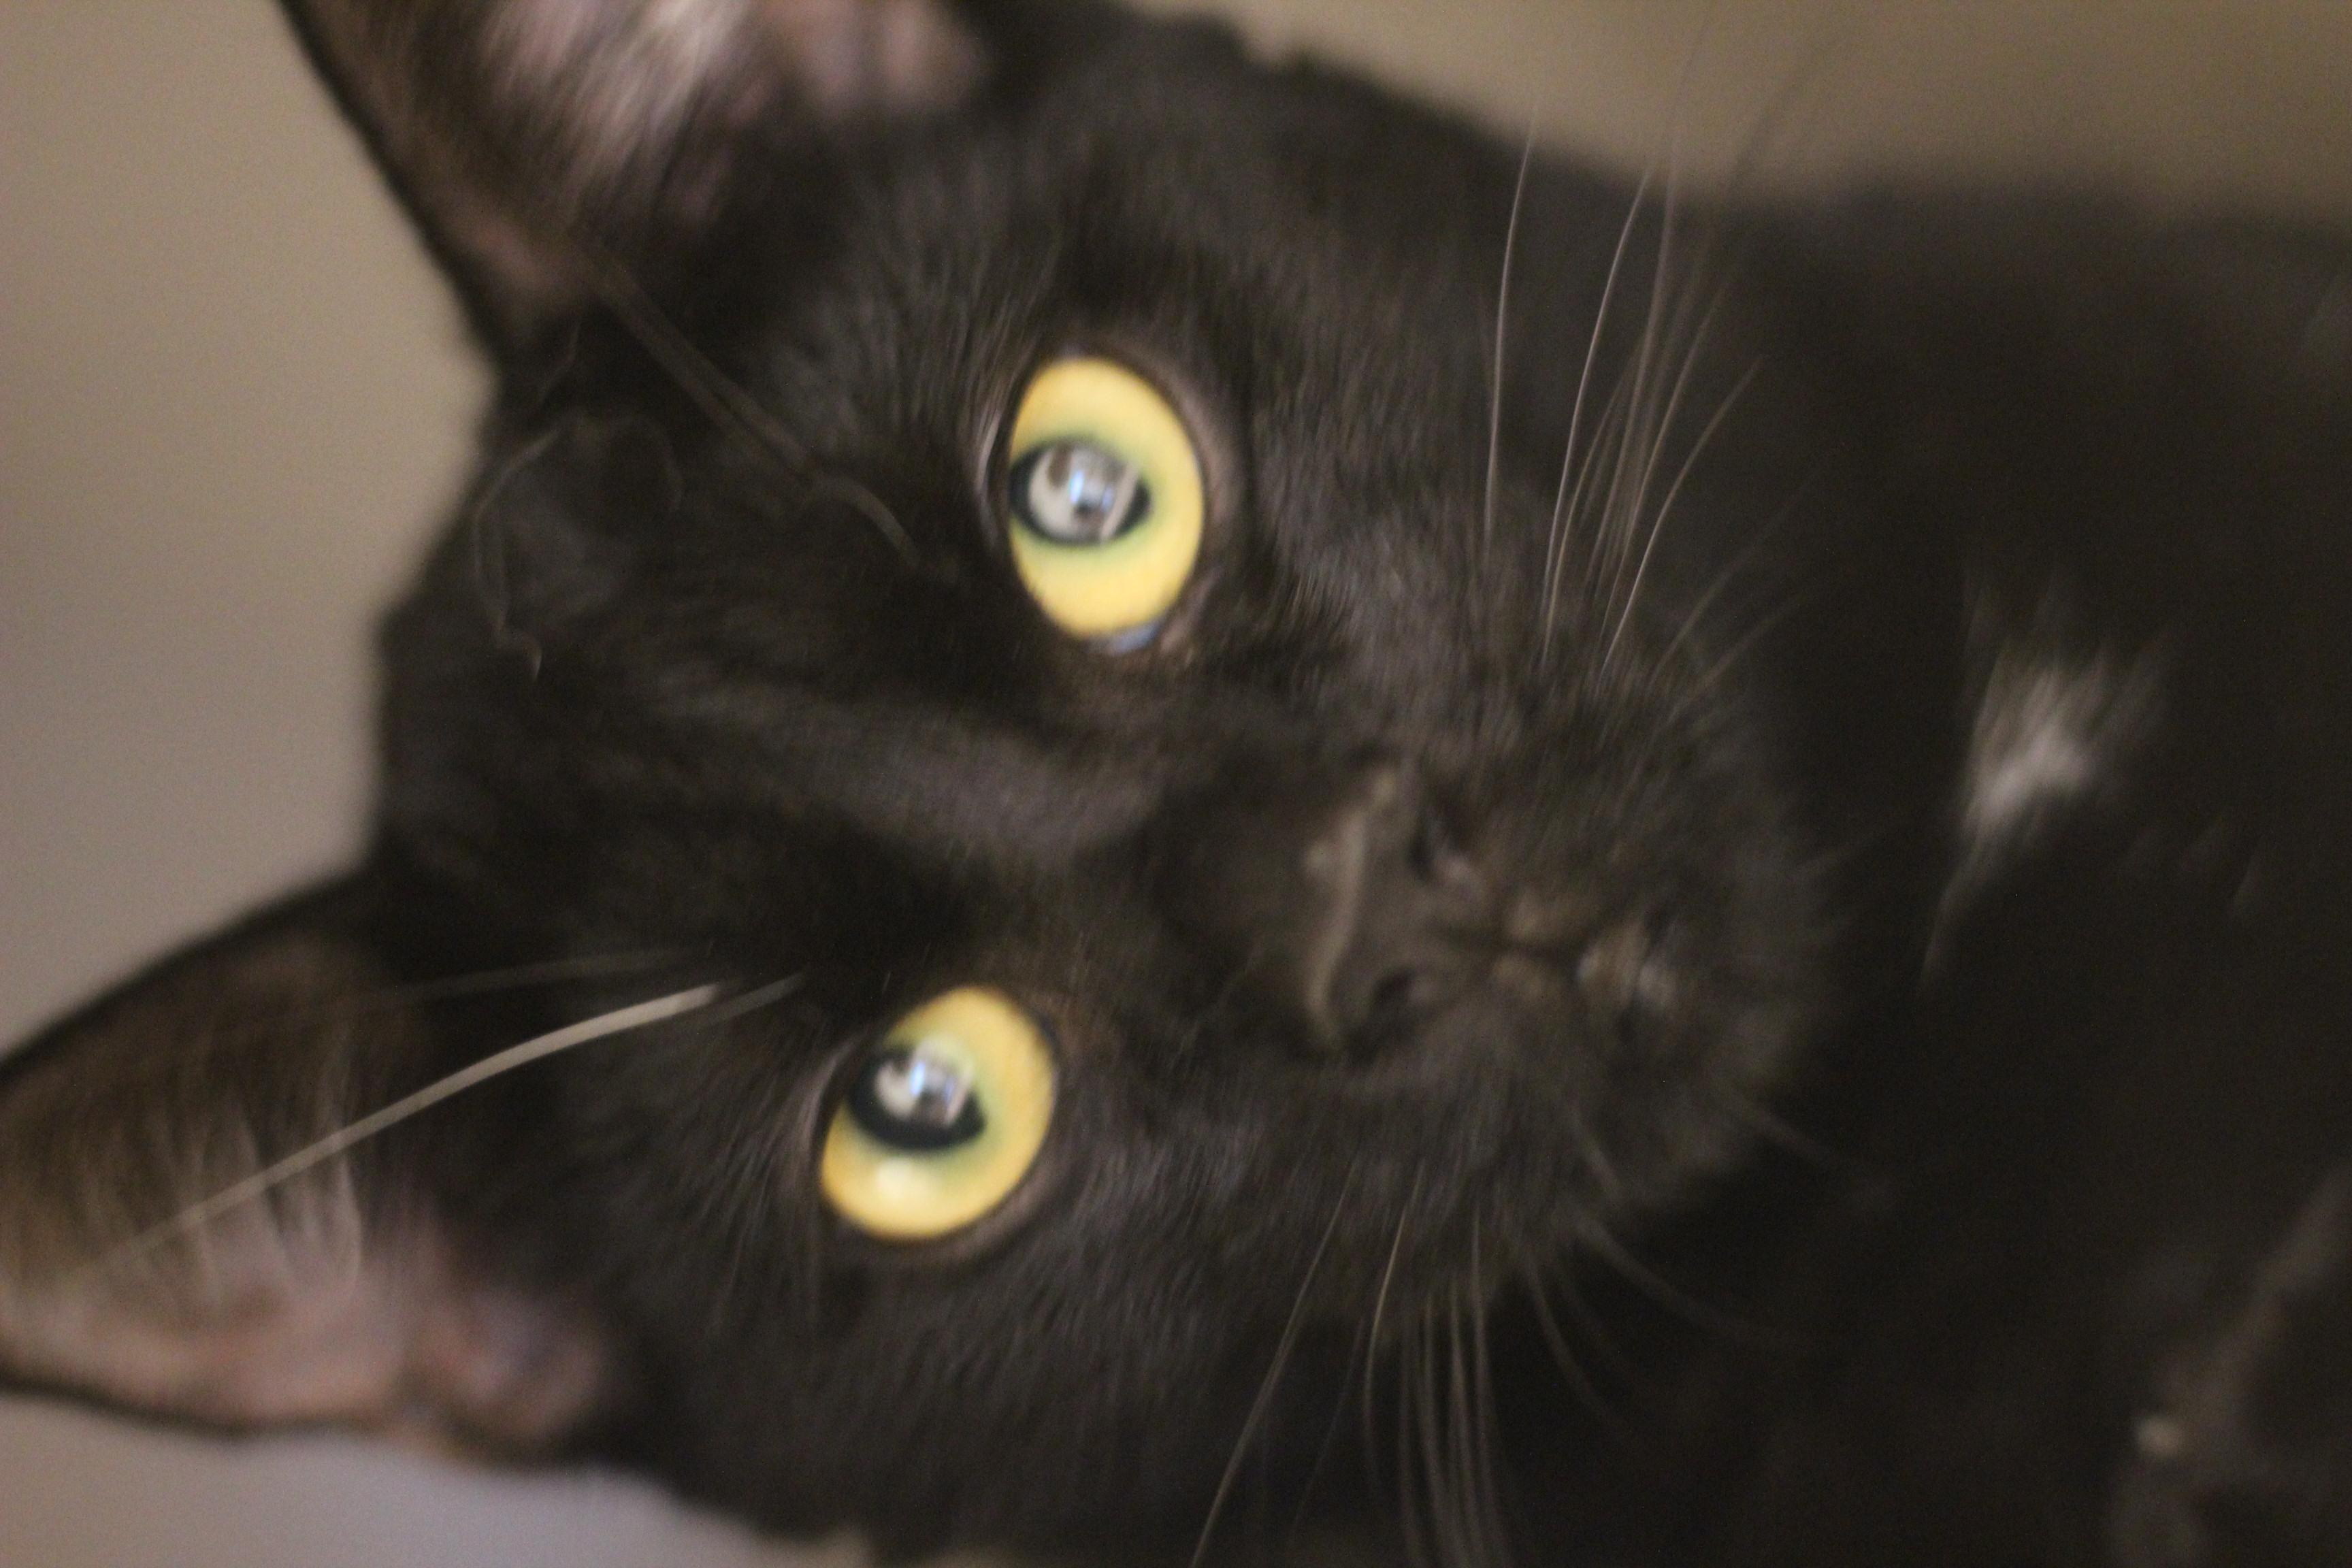 Basse er en super lækker sort hankat på 1½ år. han er max kælen og kan med andre katte